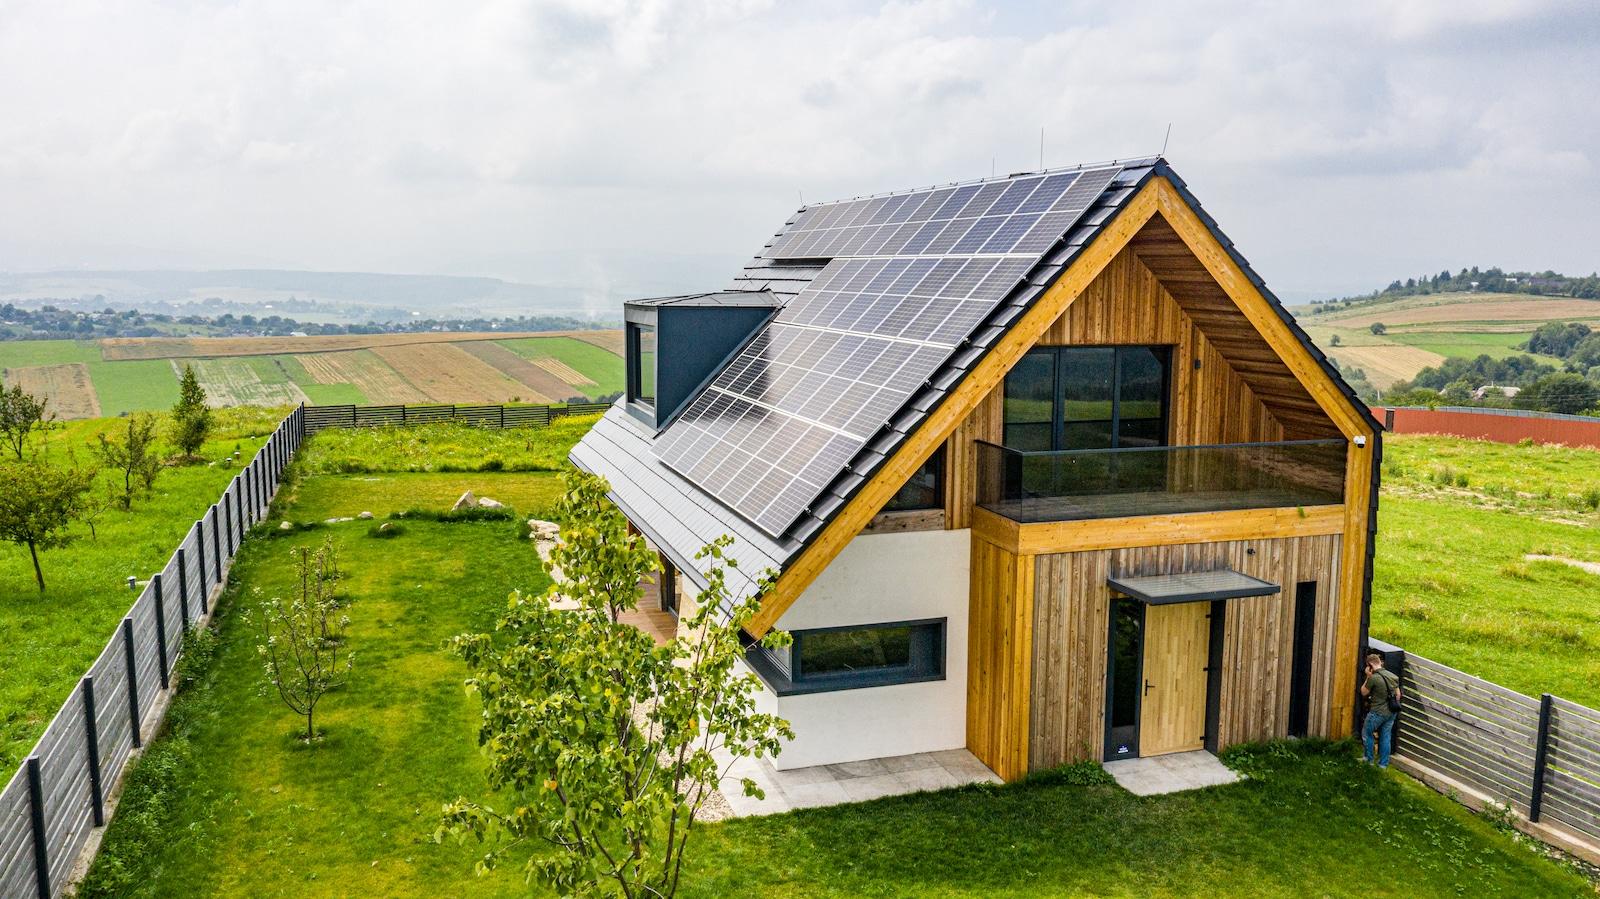 Maison Bepos avec panneaux solaires